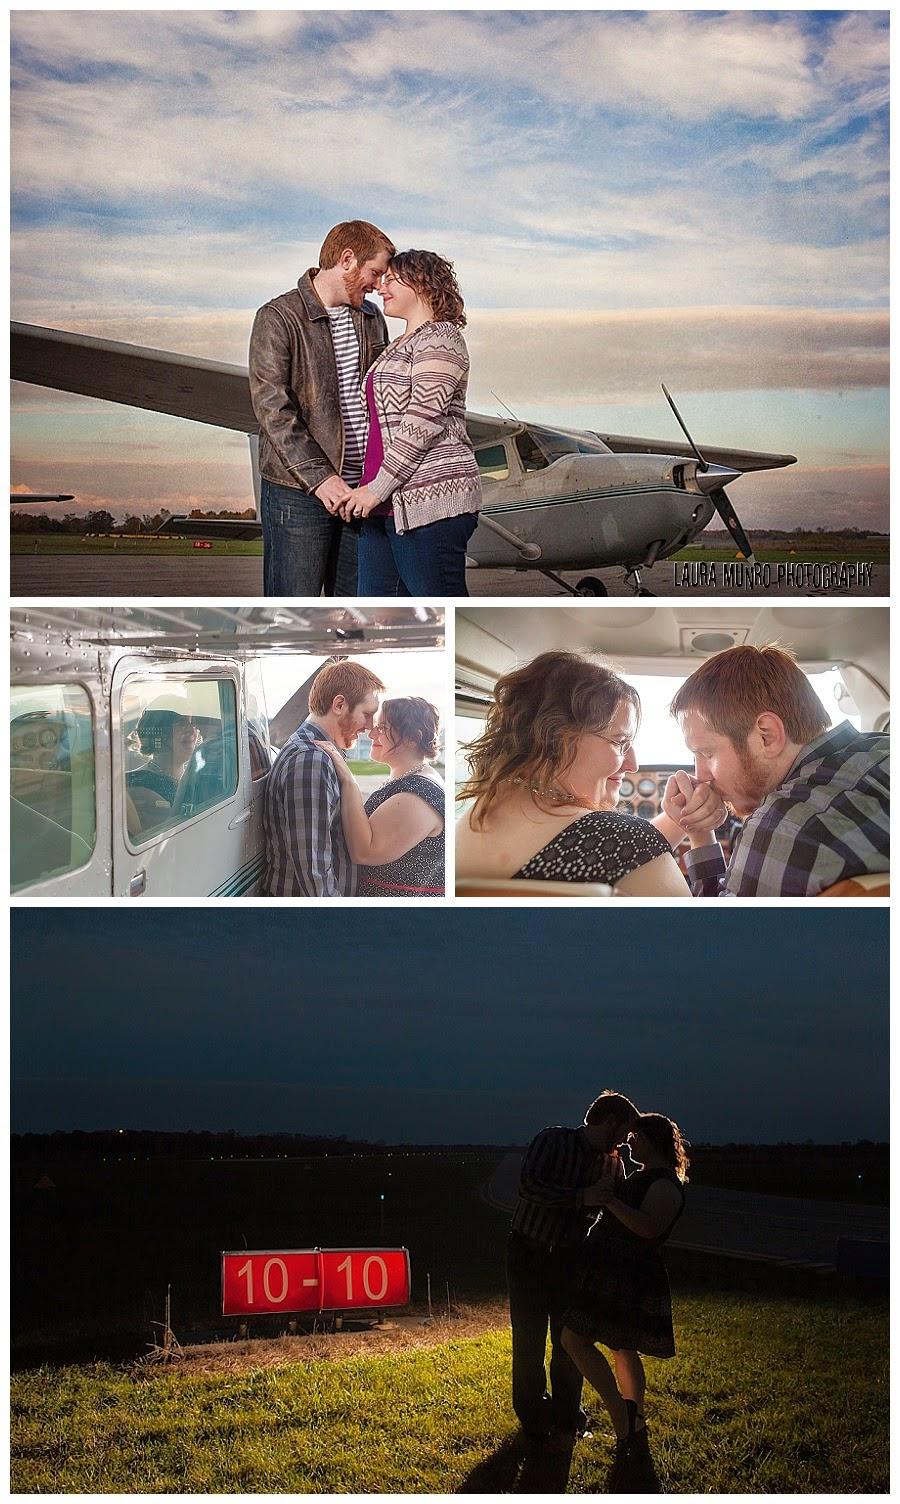 www.munrophotos.com